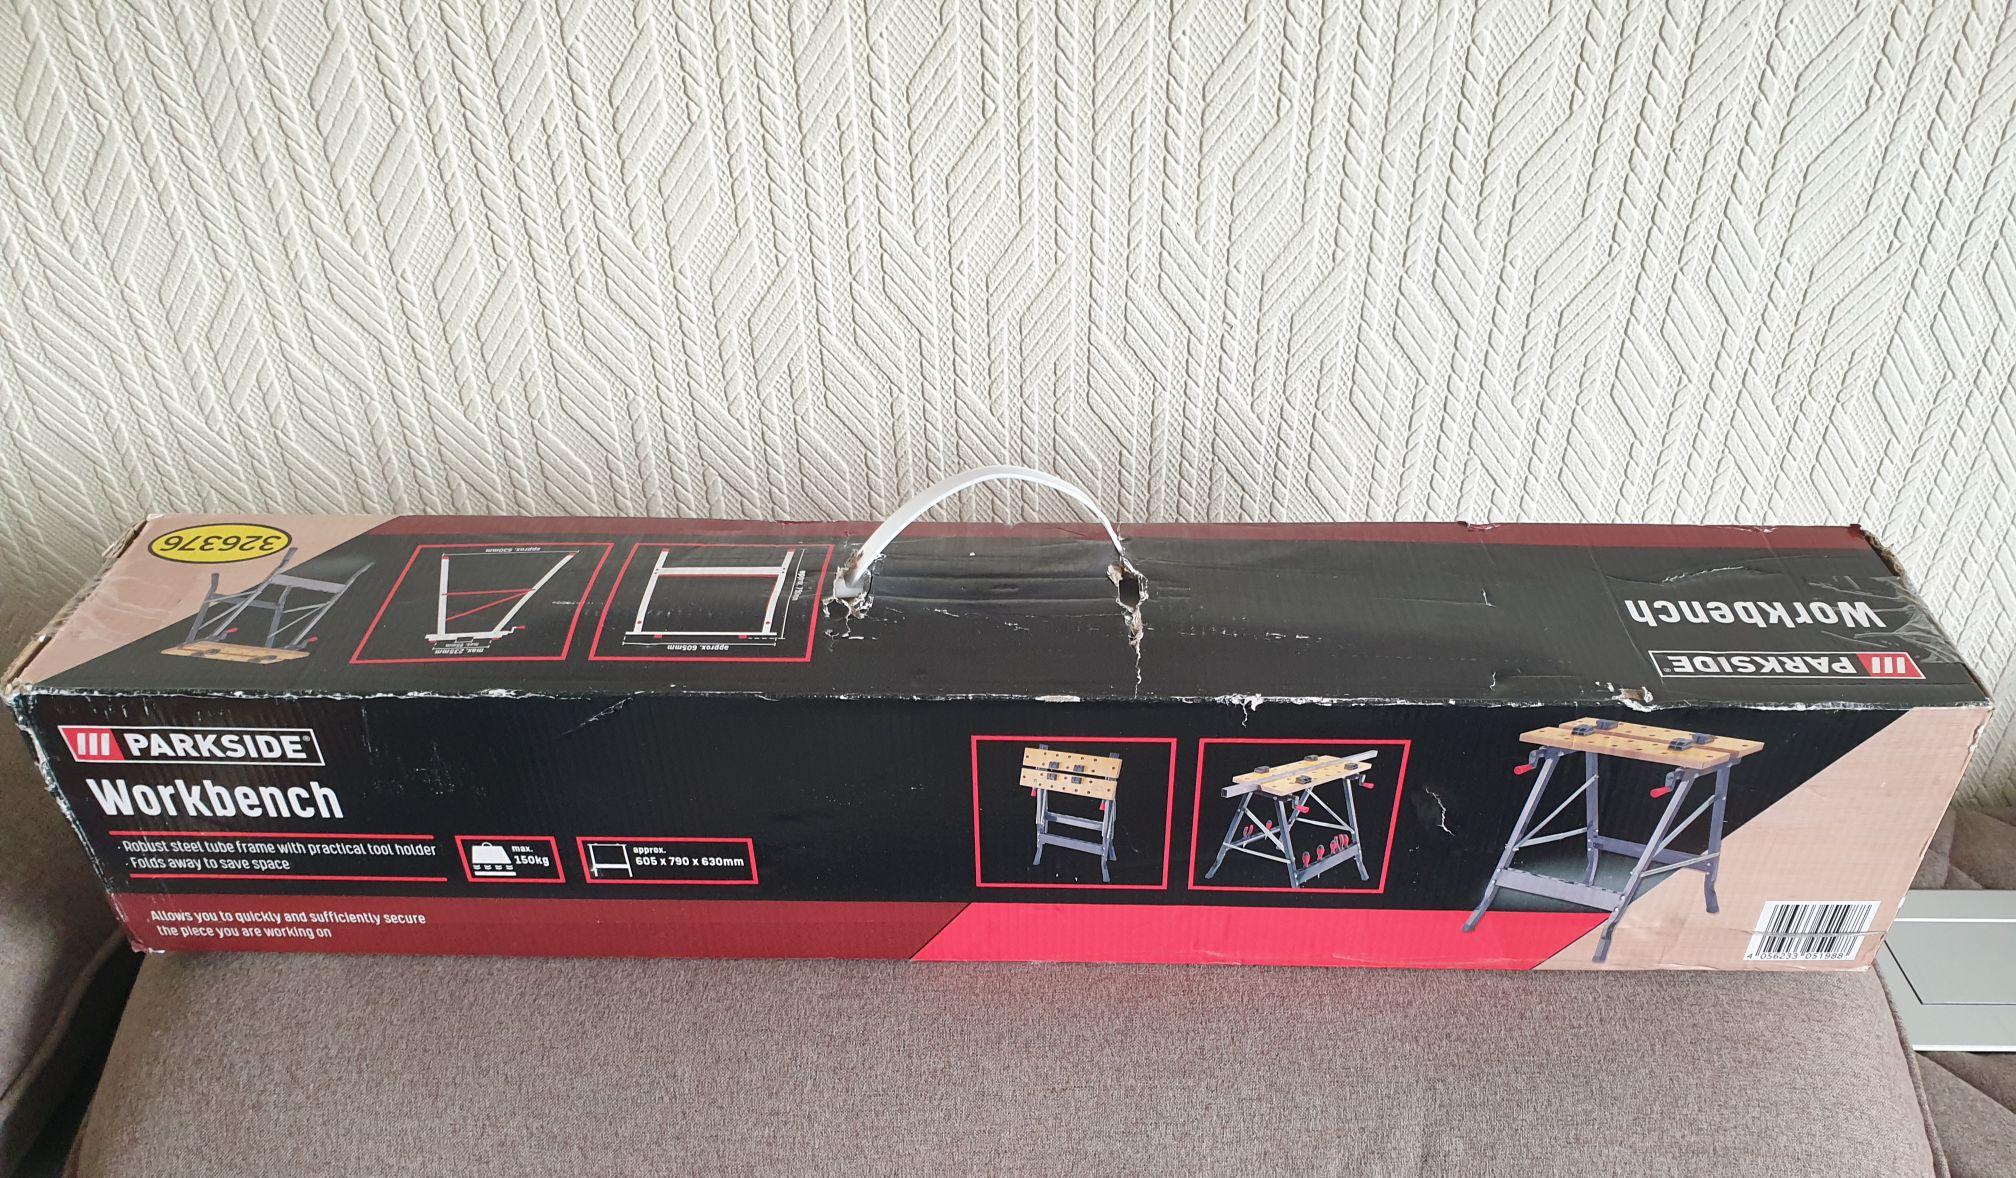 Parkside workbench £5 @ Lidl (Luton)